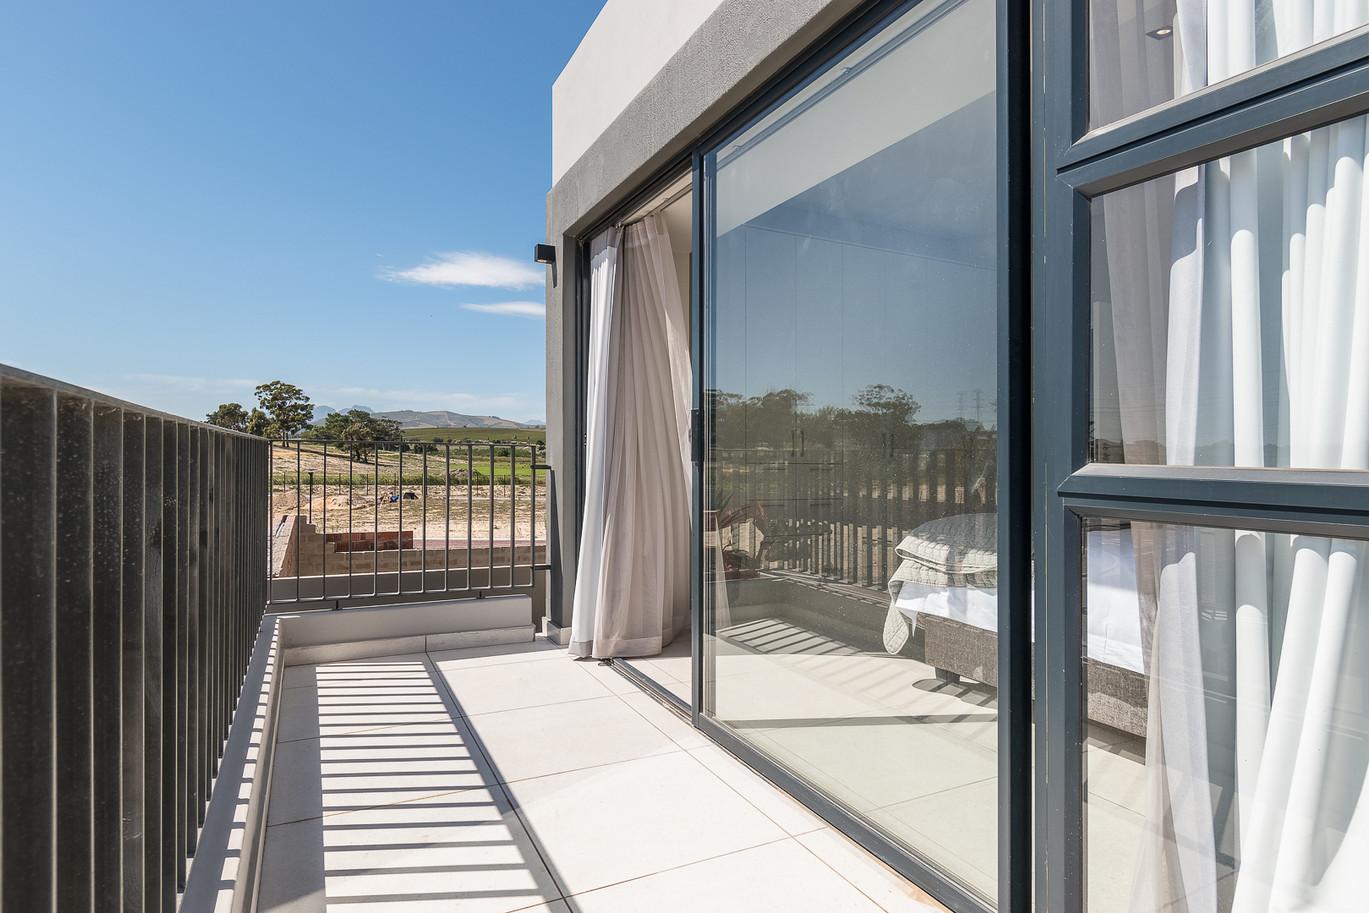 Greystone Balcony 2